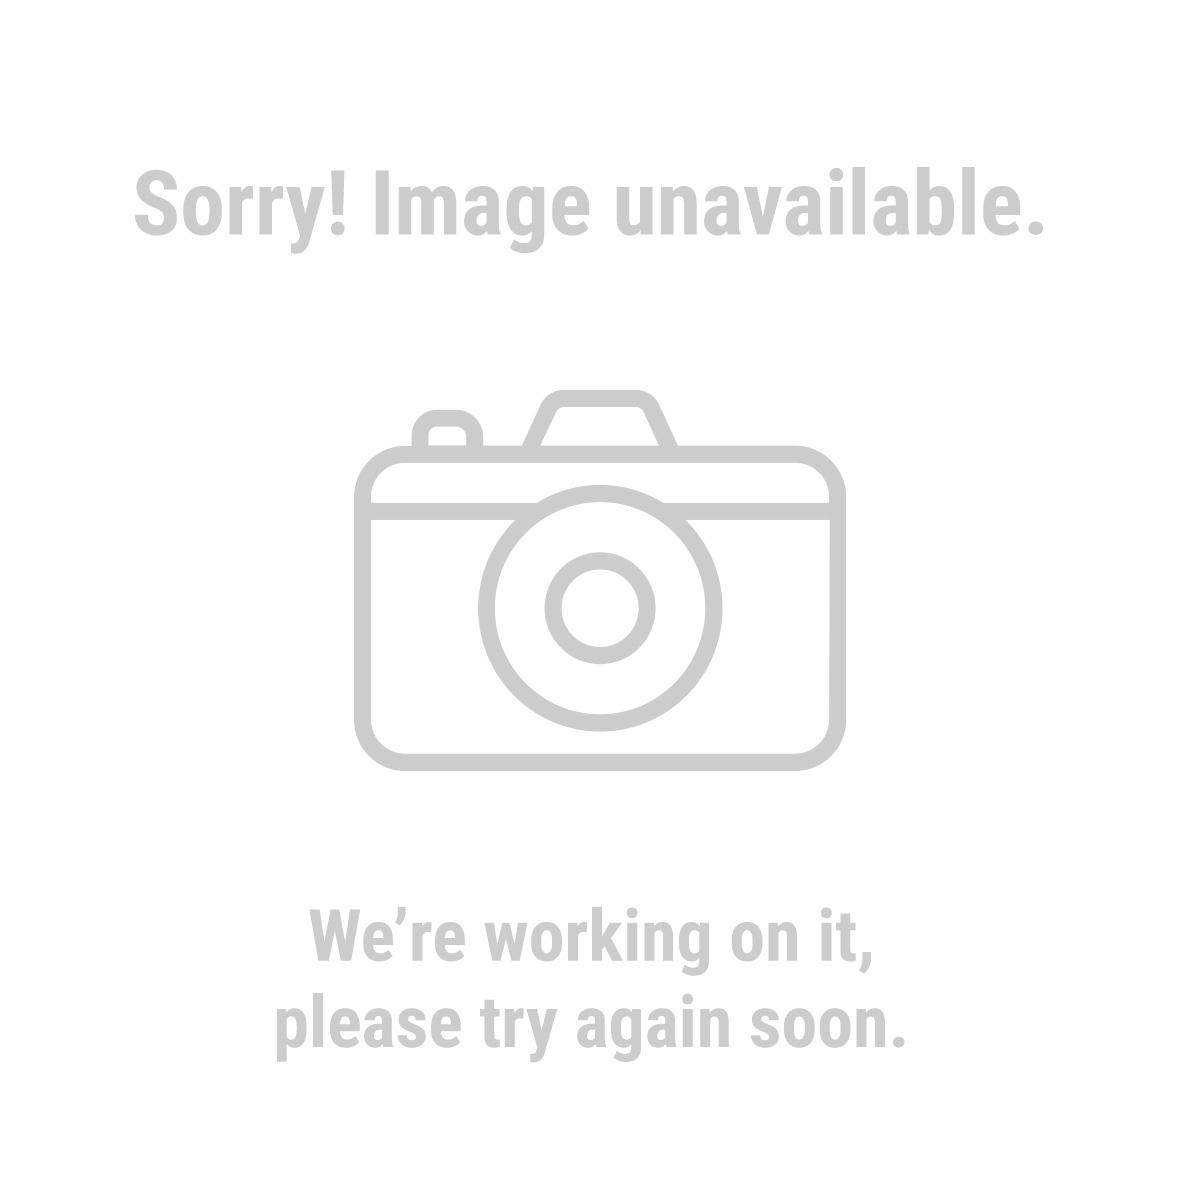 65929 50 lbs. Medium Grade Armex Soda Blast Media